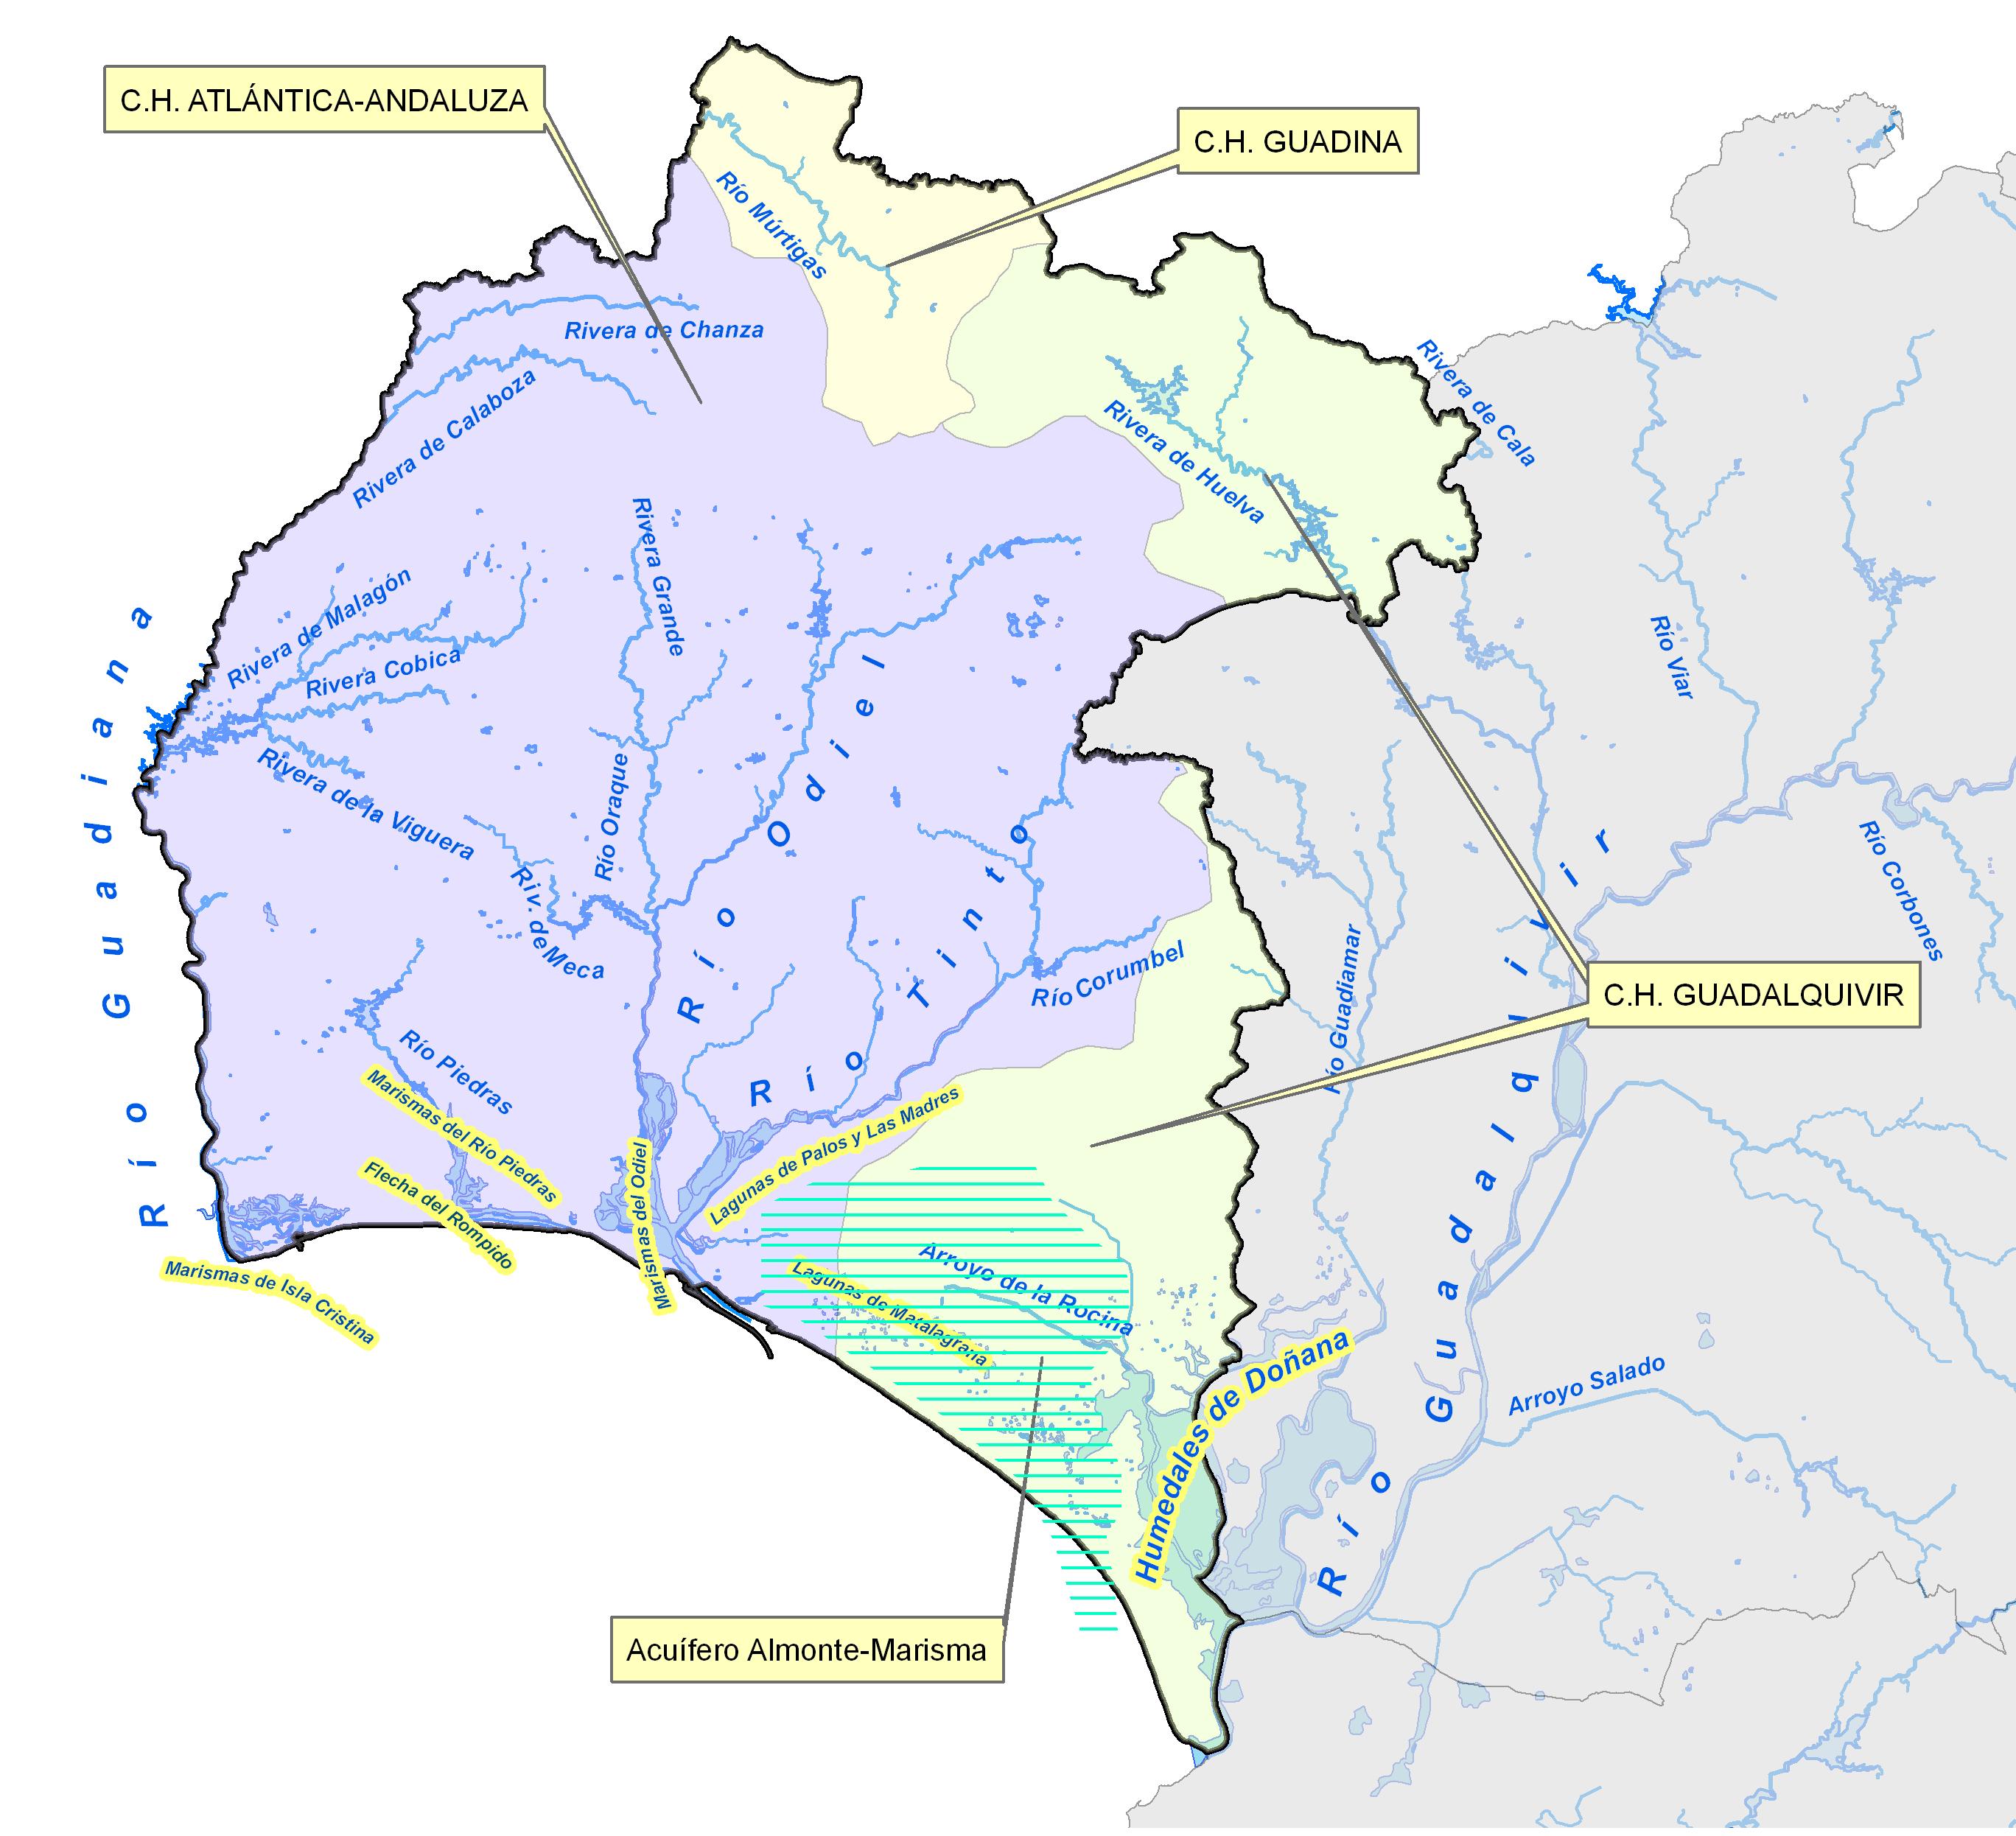 Cuencas hidrográficas de la provincia de Huelva 2008